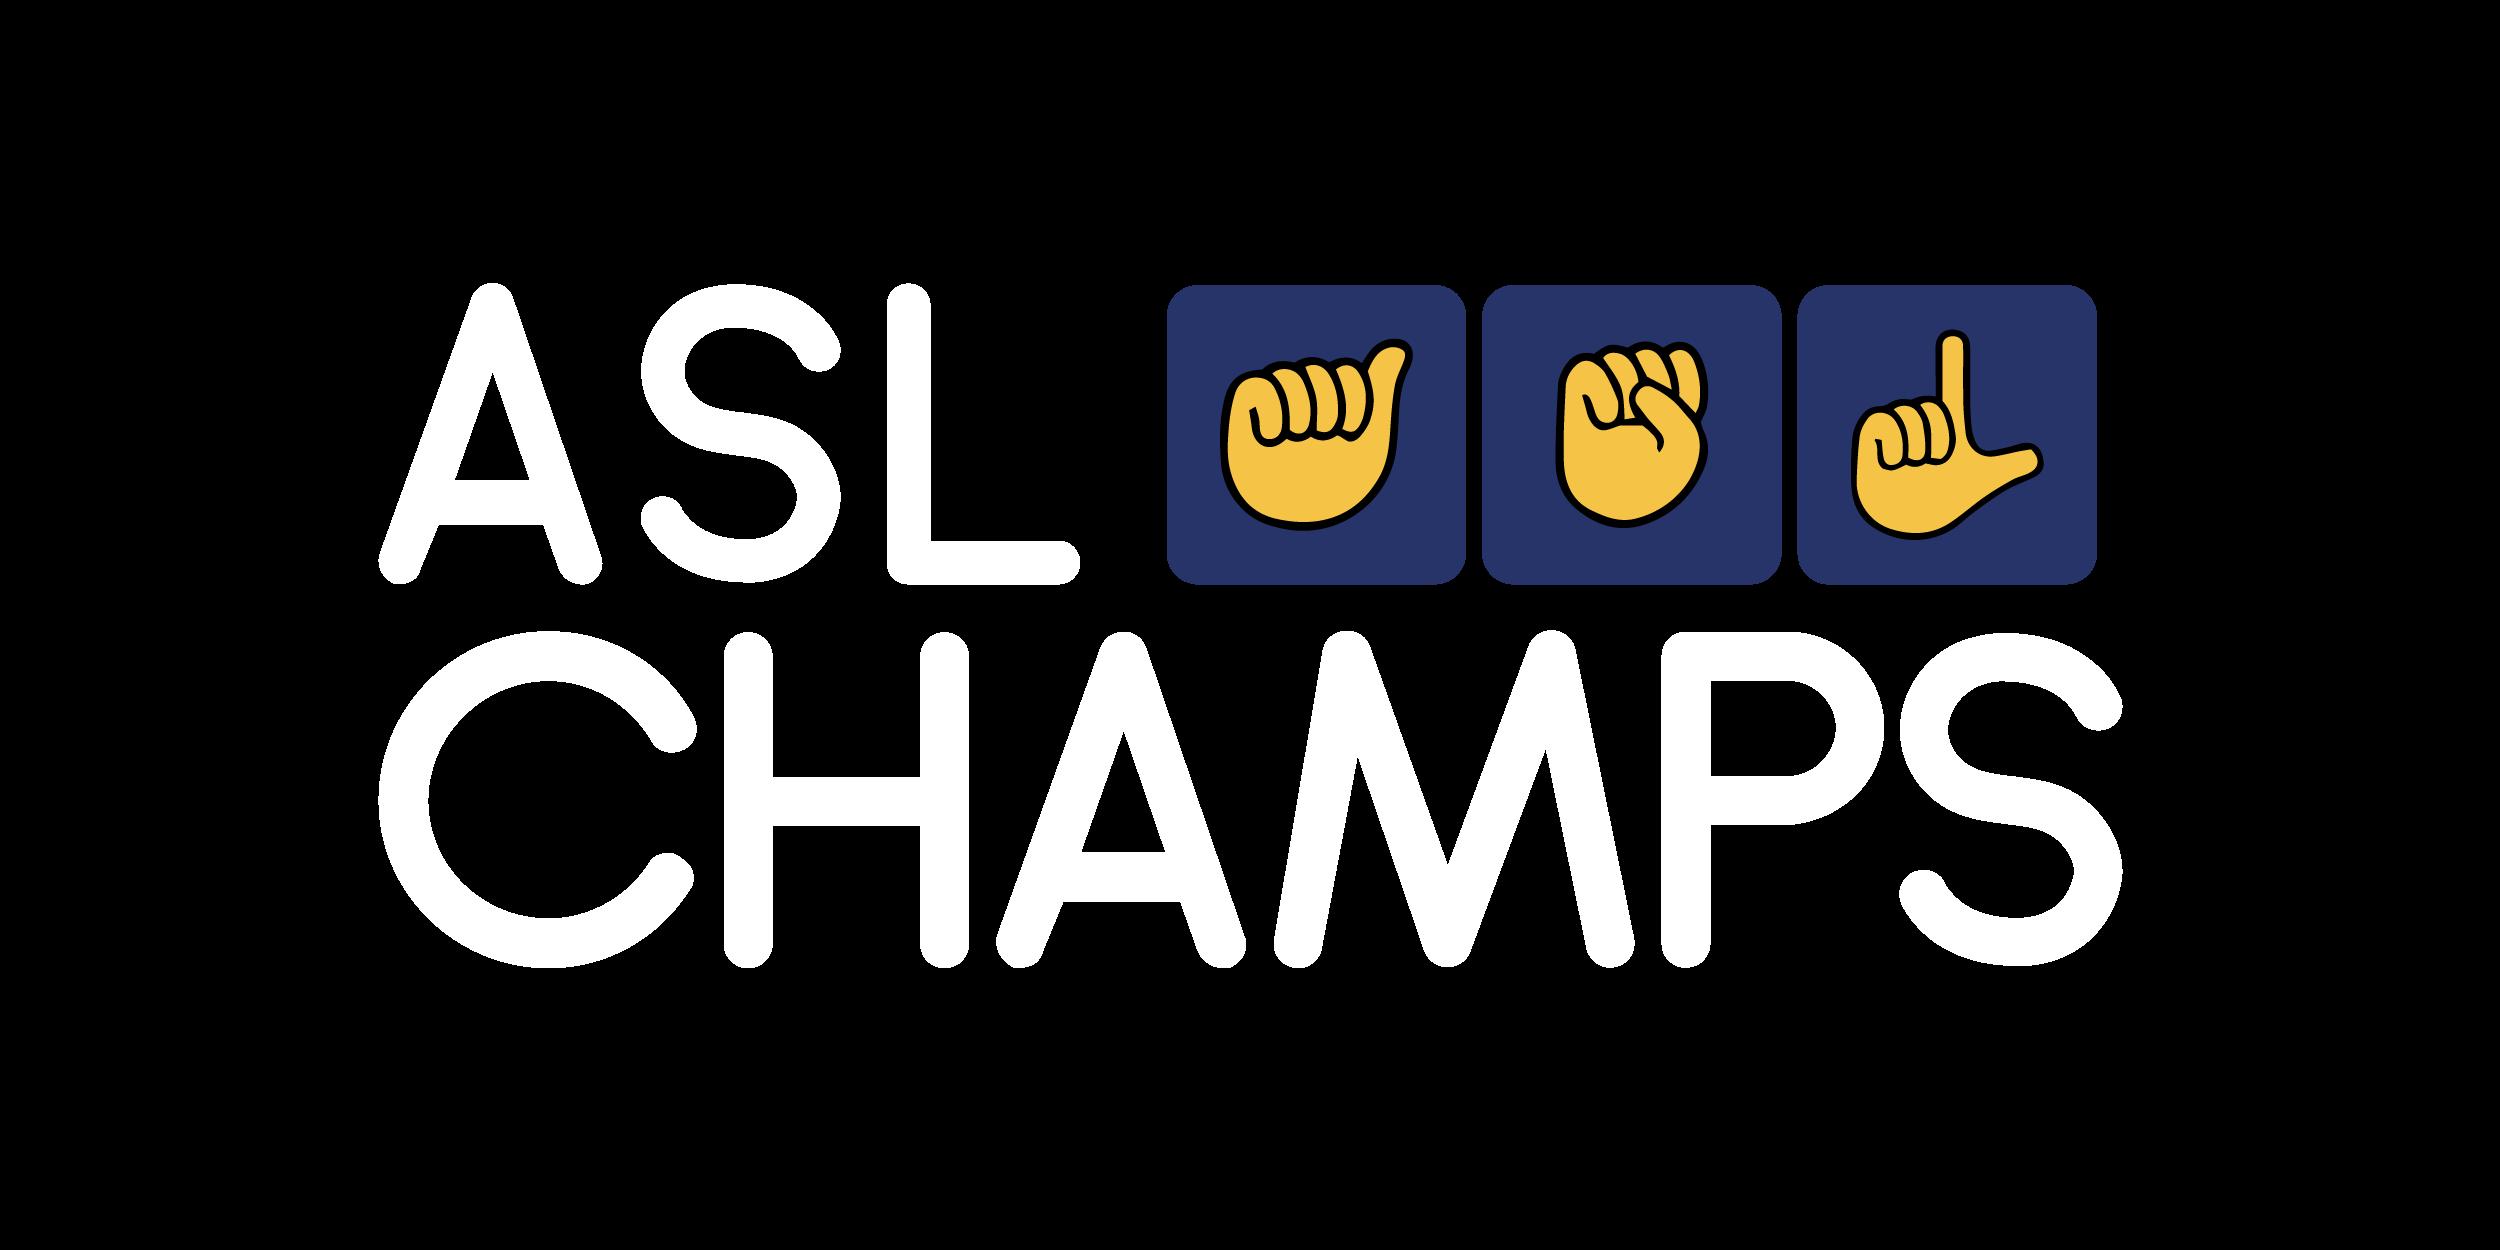 ASL Champs